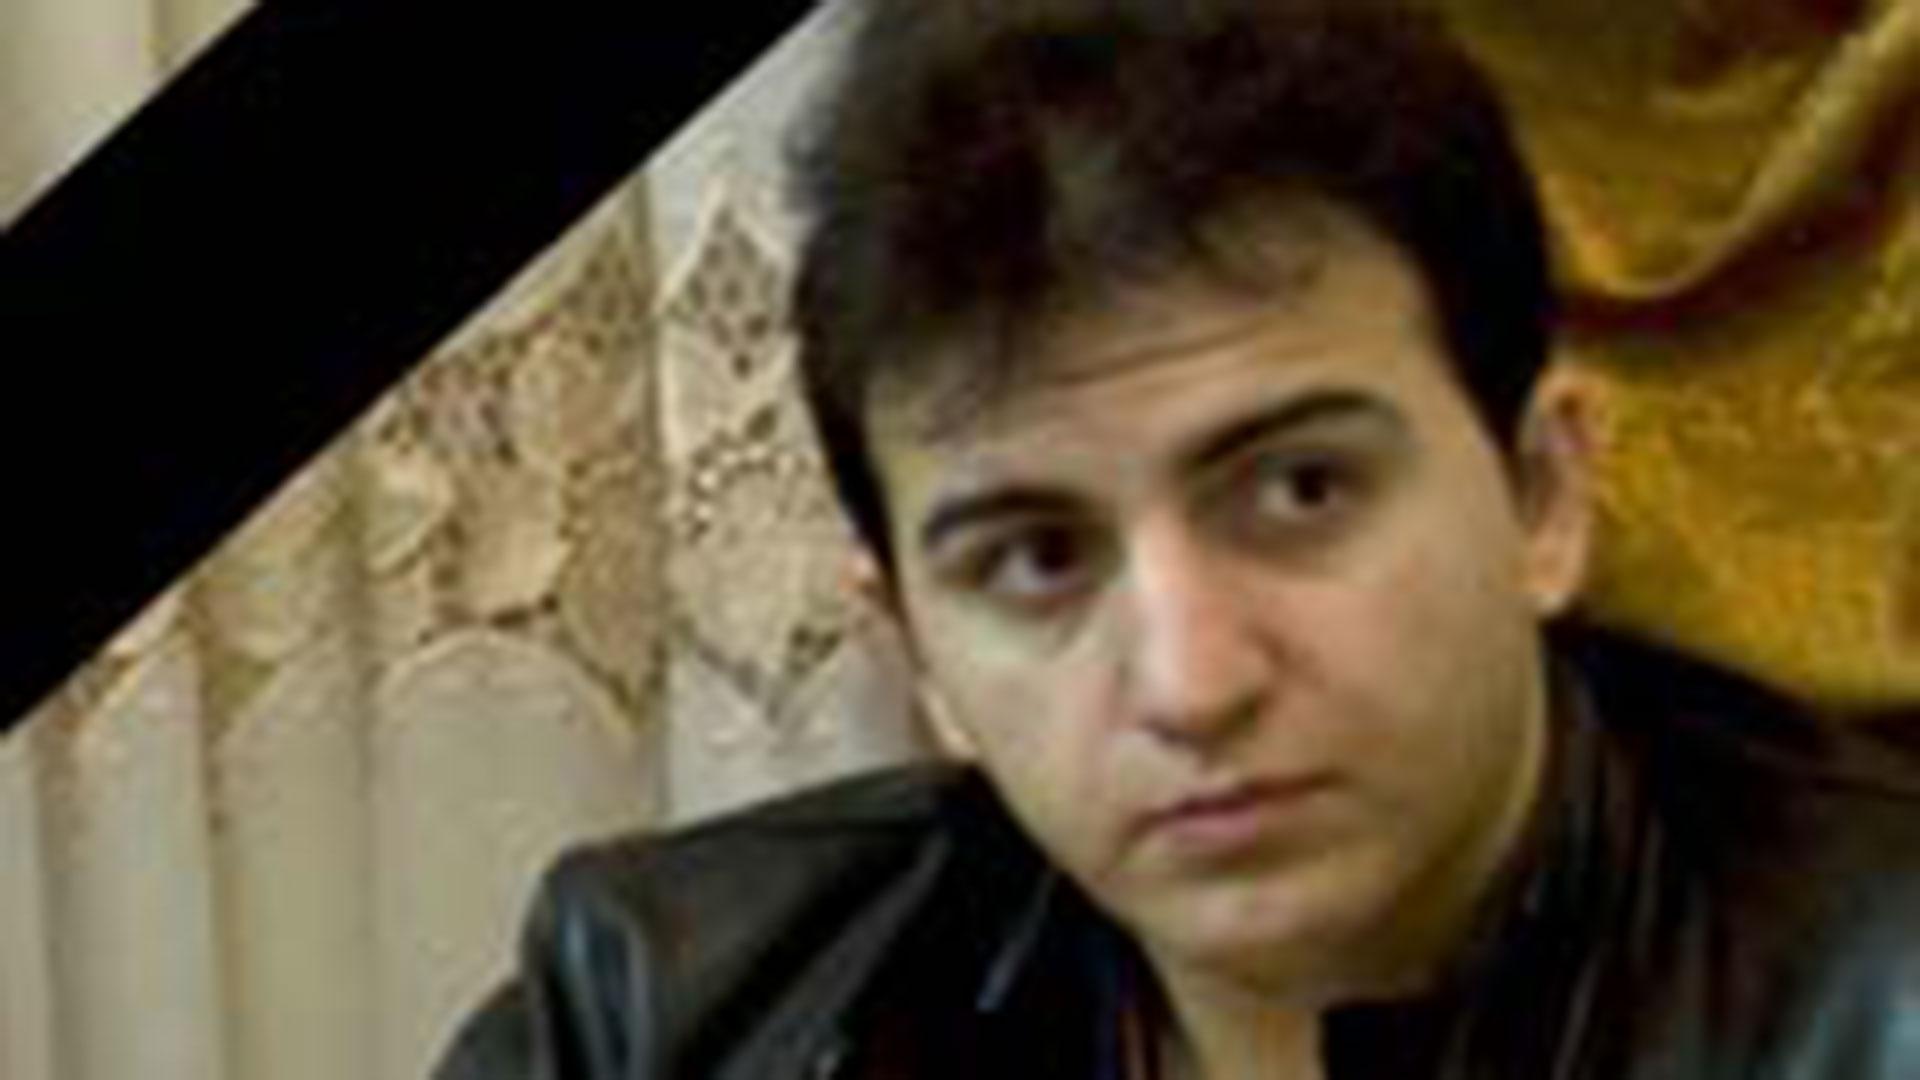 Ahmad Rezaee